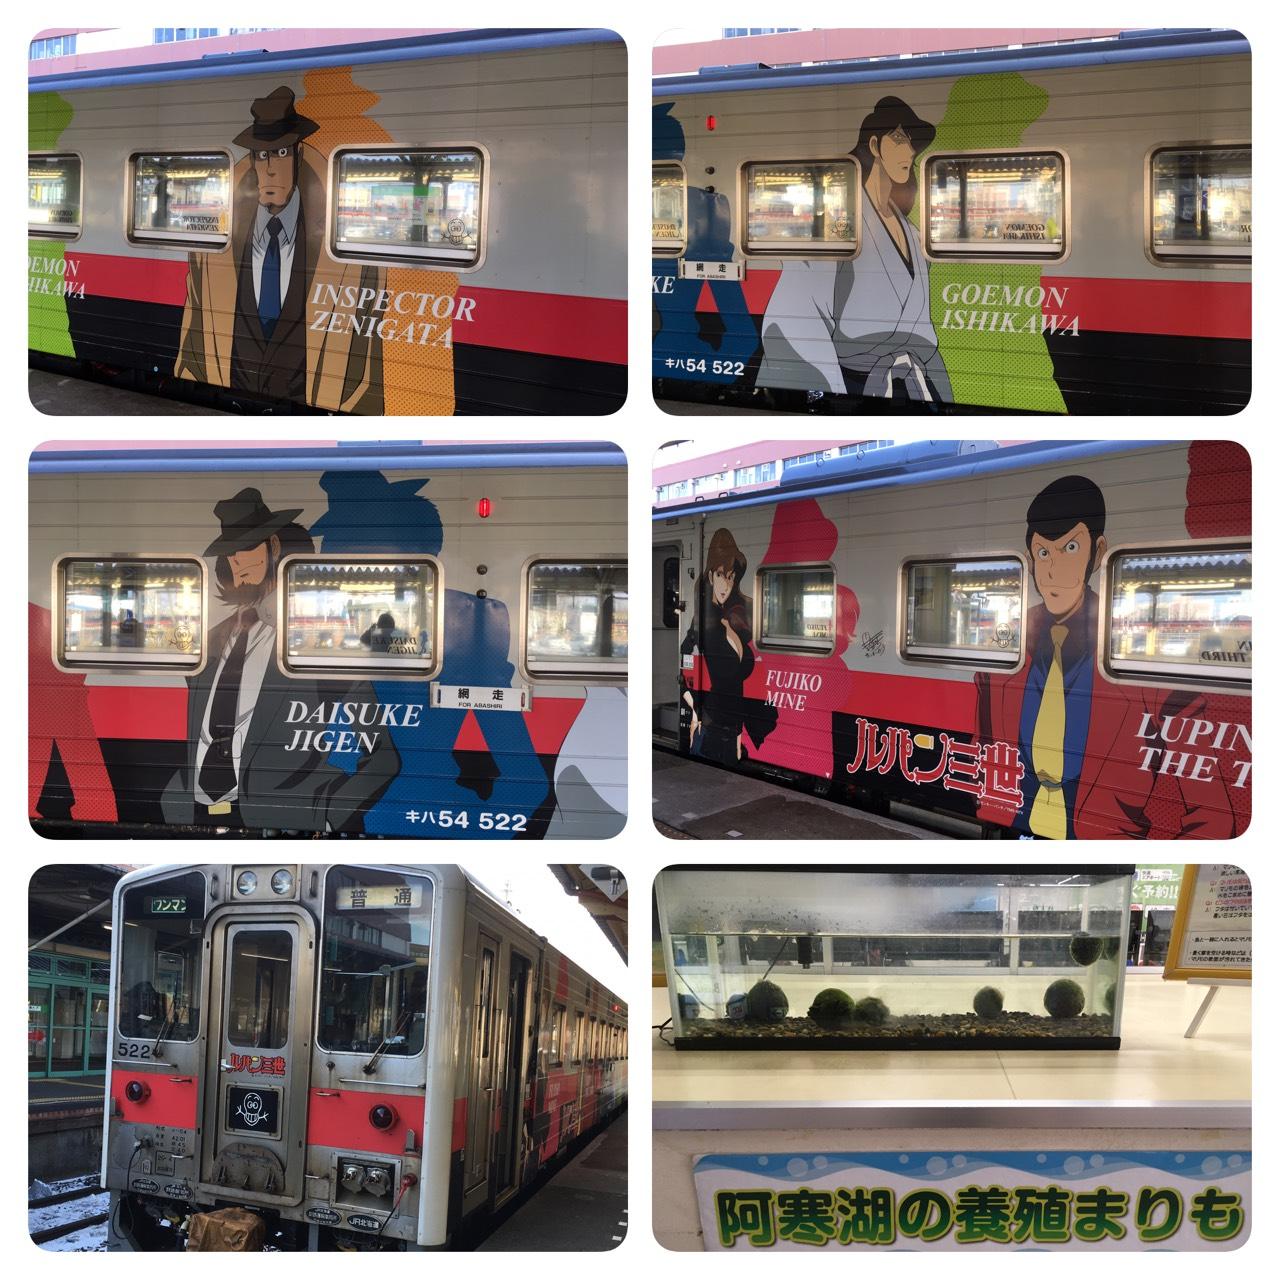 ルパン三世ラッピングトレイン 釧路駅_180127.JPG